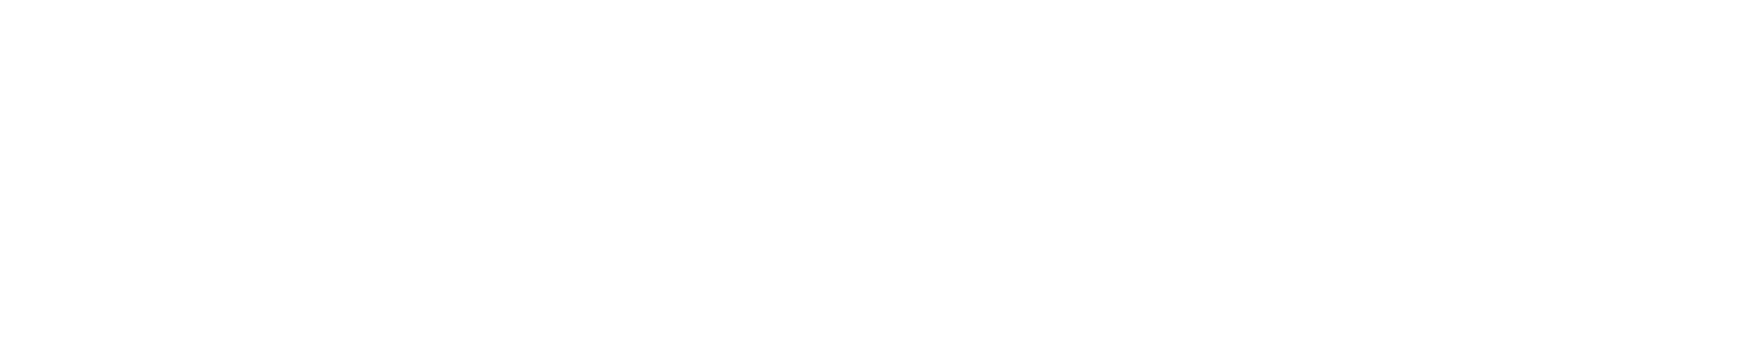 Vercida